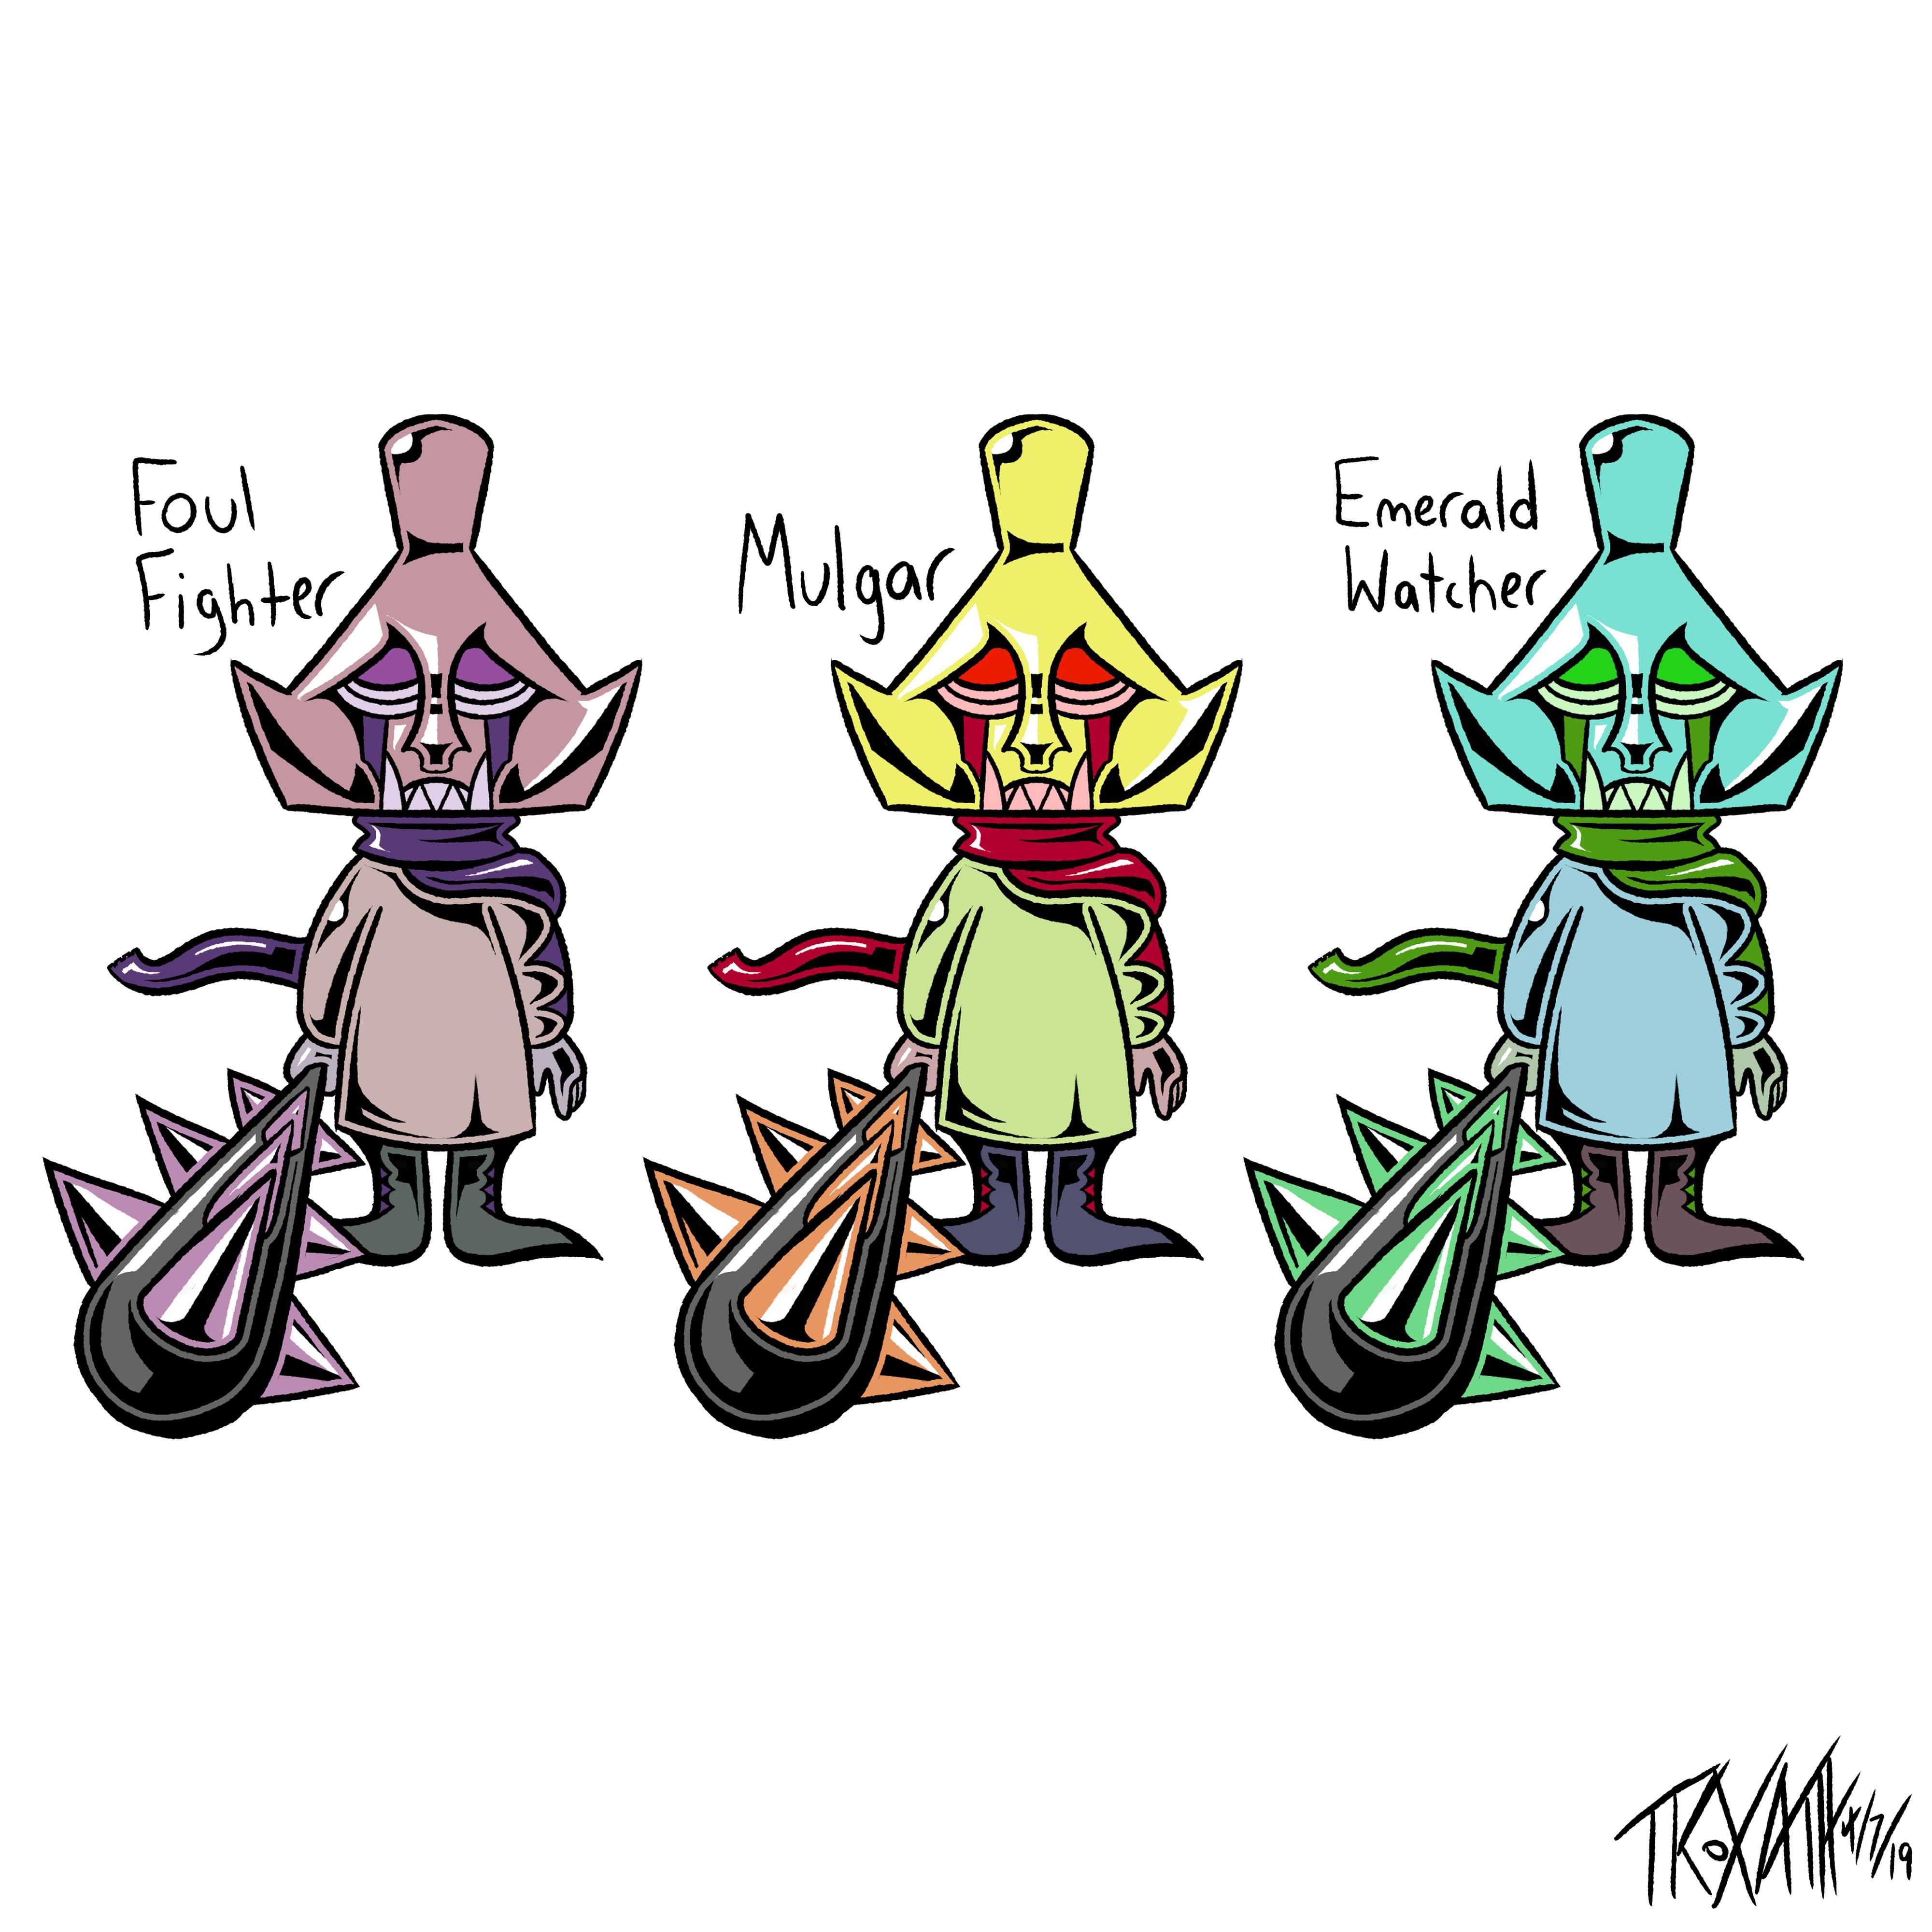 Mulgar Variants